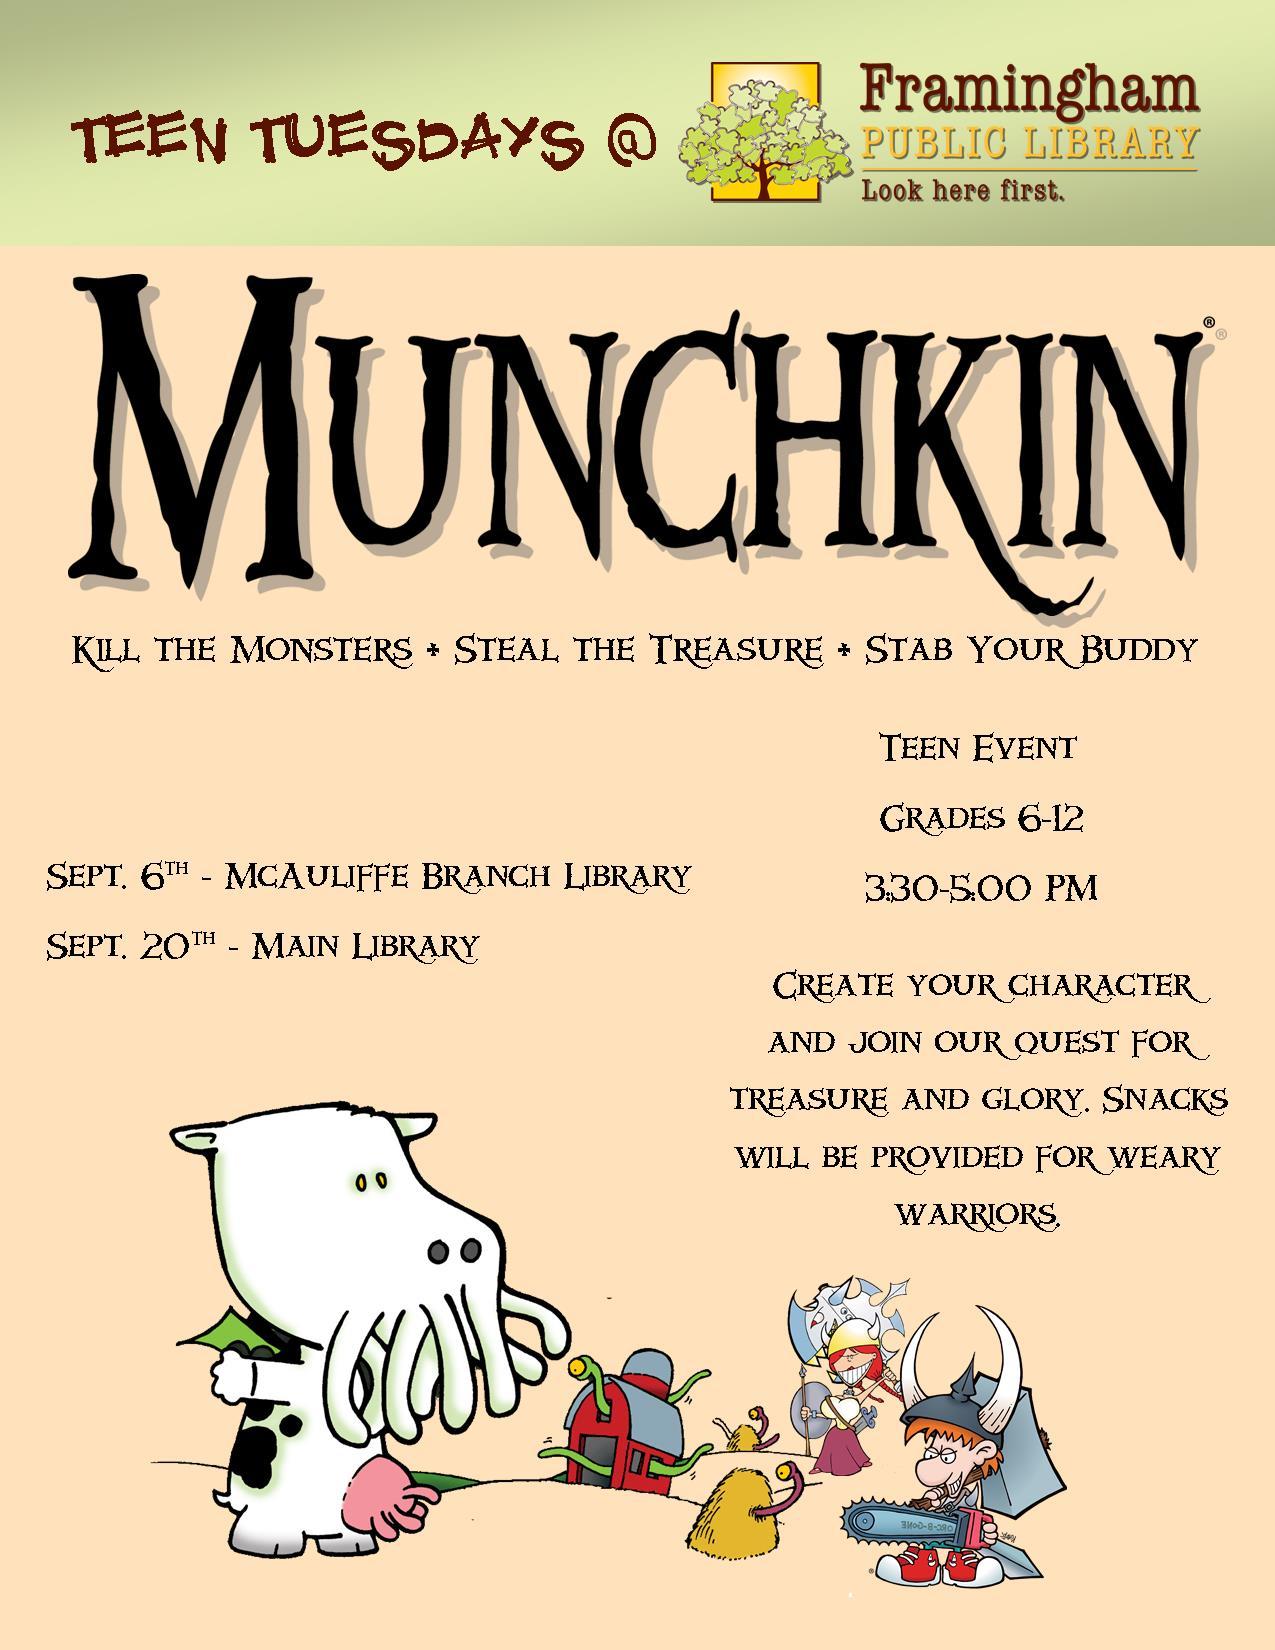 Teen Tuesdays: Munchkin! graphic